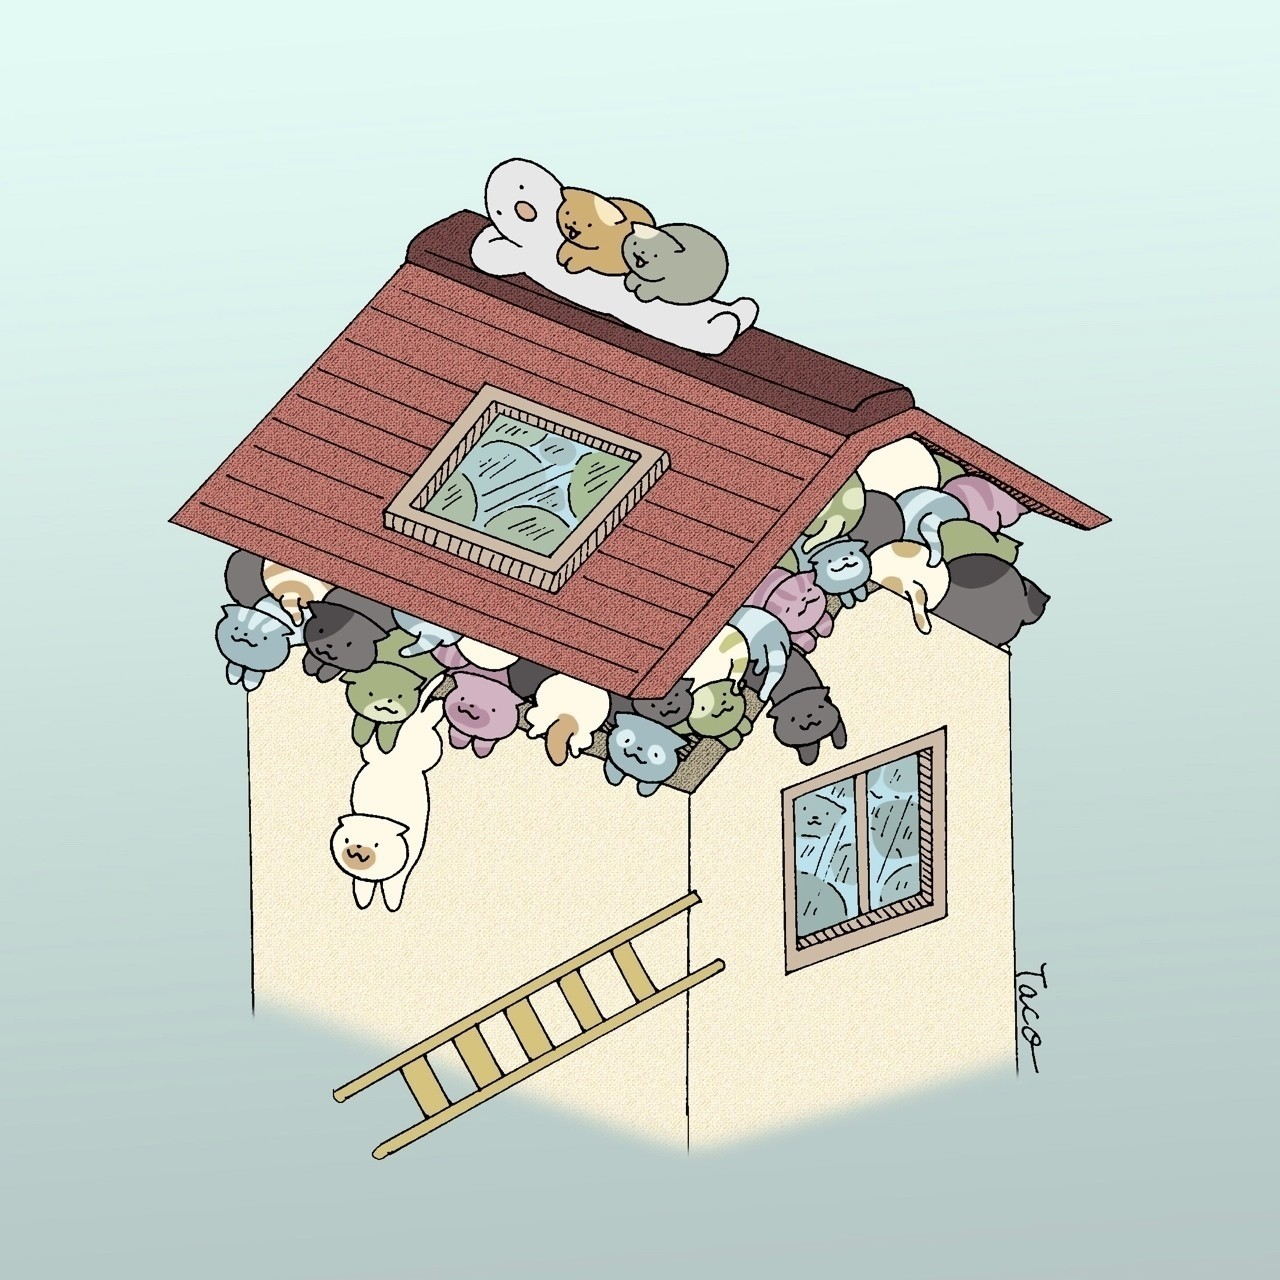 「あふれでる幸せ」 #illustration #絵本 #イラスト #cat #猫 #マンガ